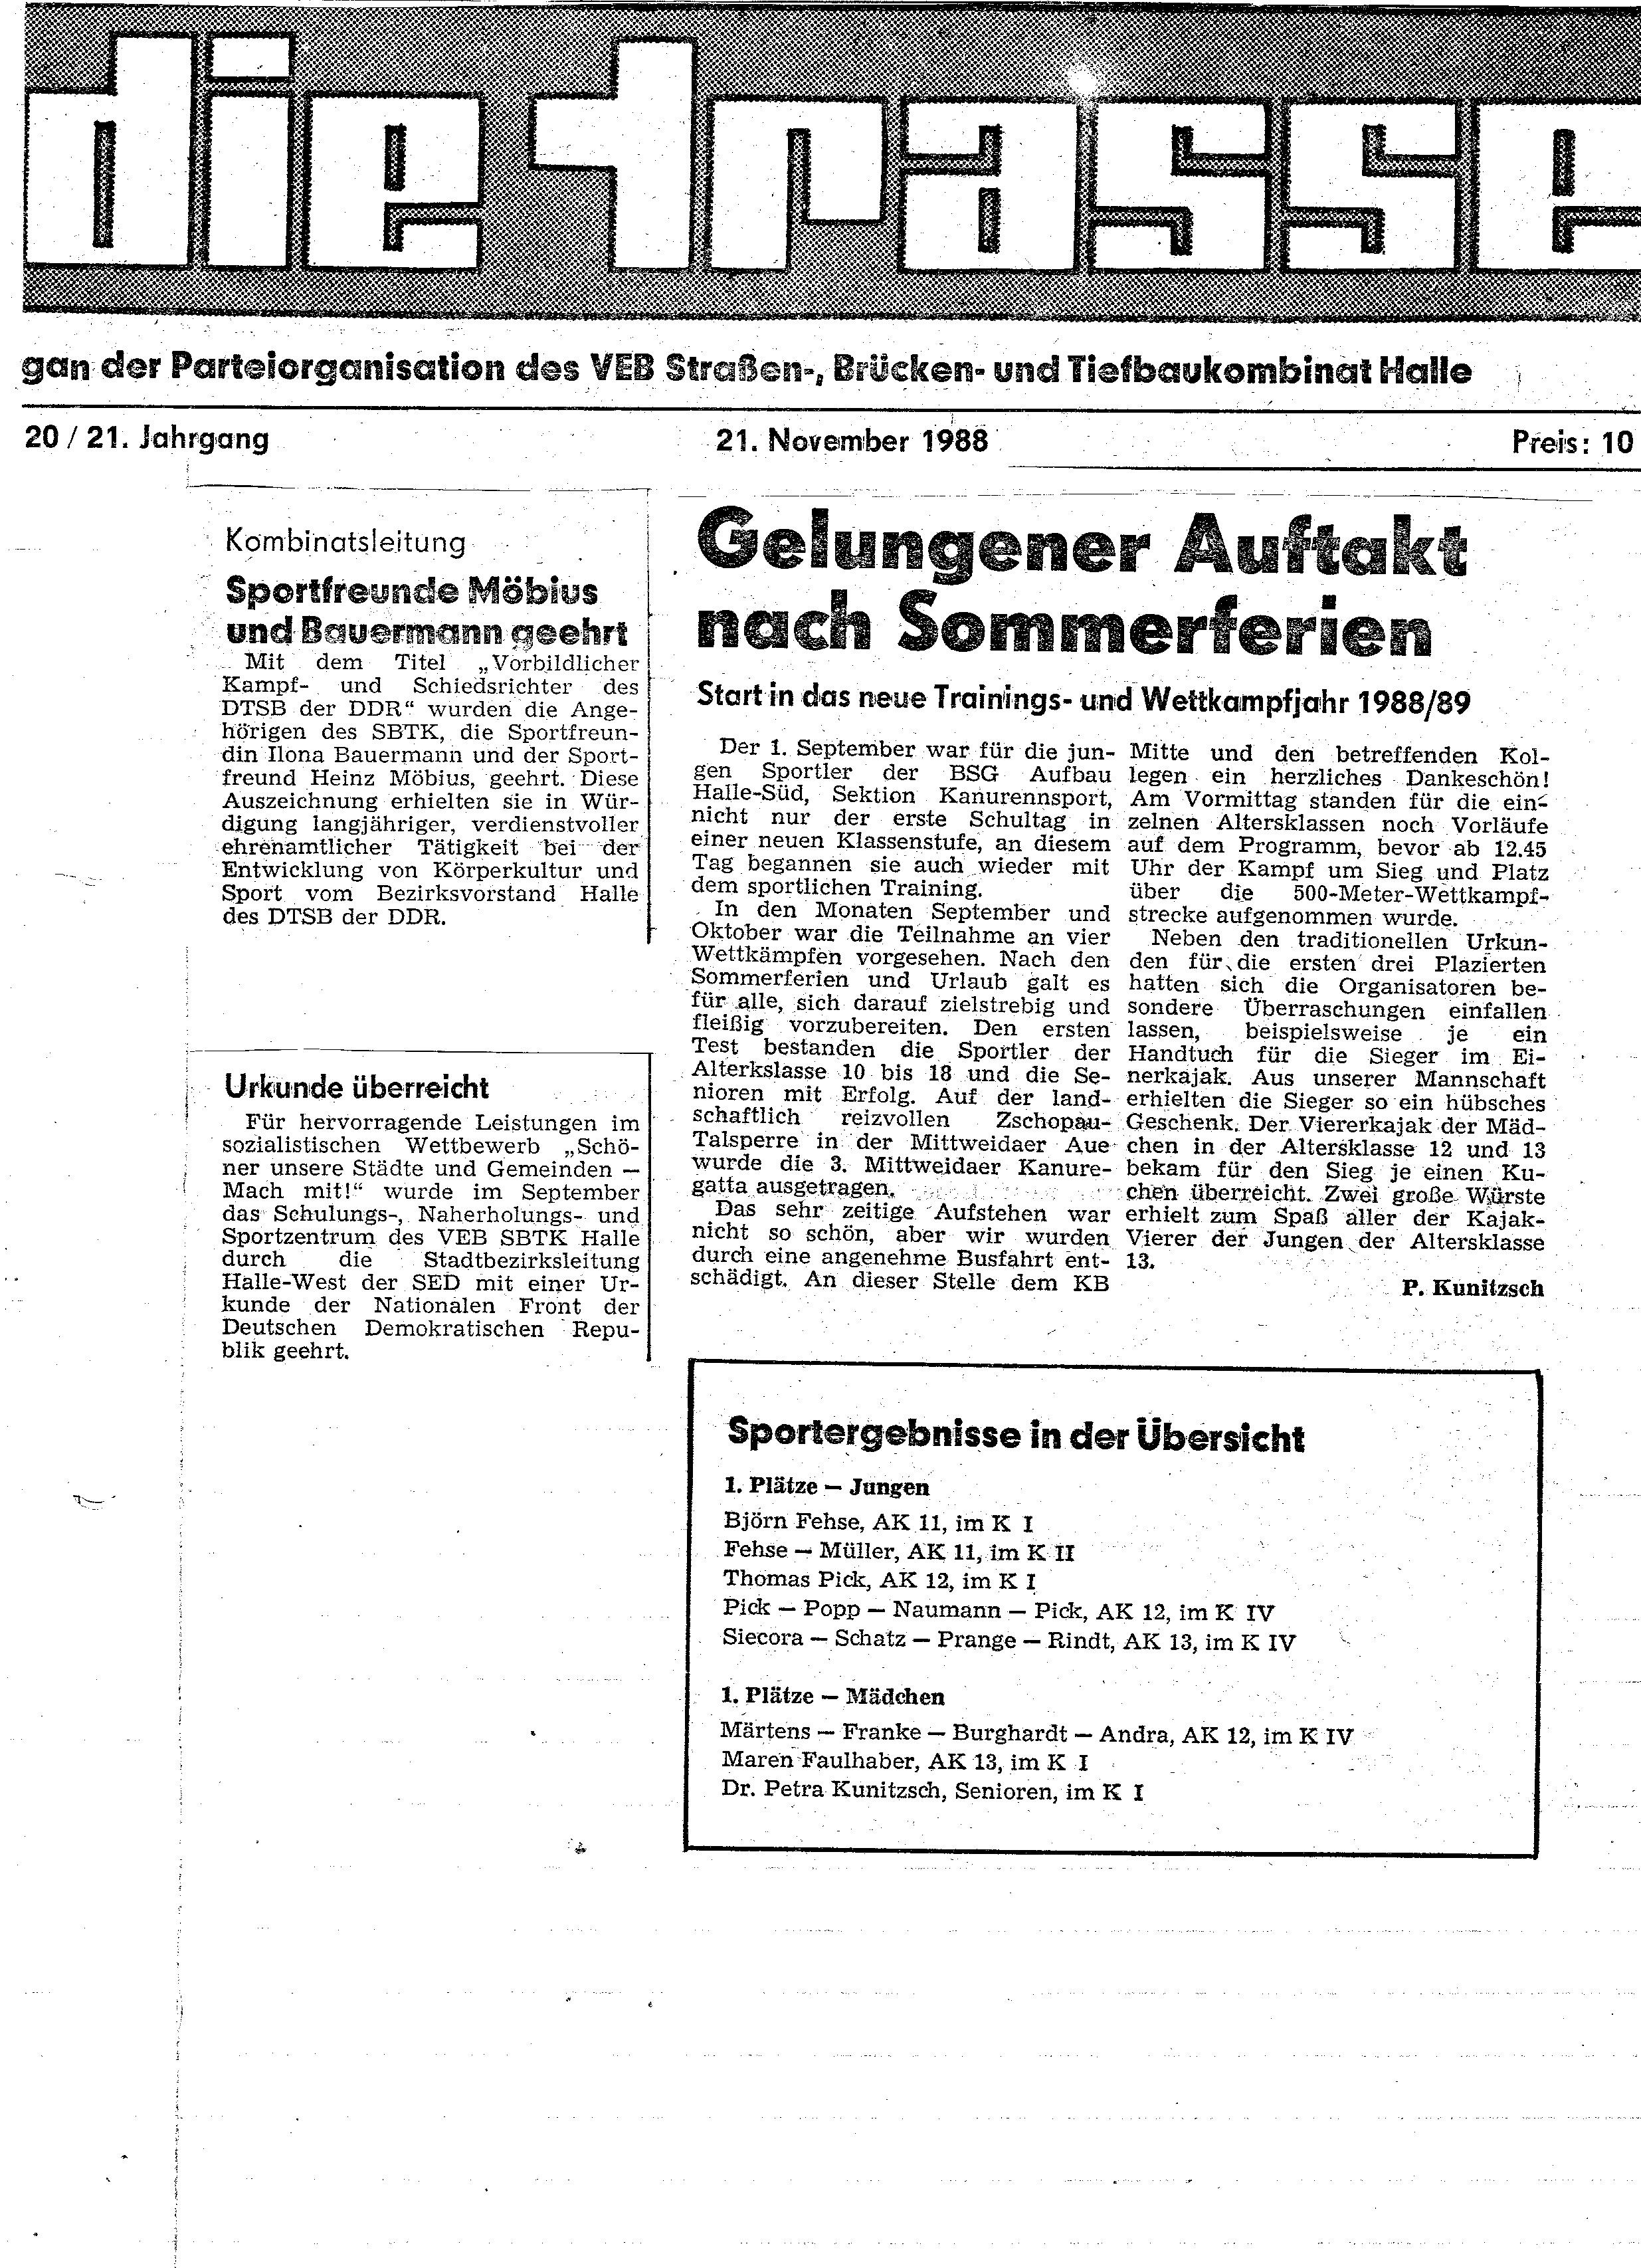 1988-11-21 Trasse Gelungener Auftakt nach Sommerferien